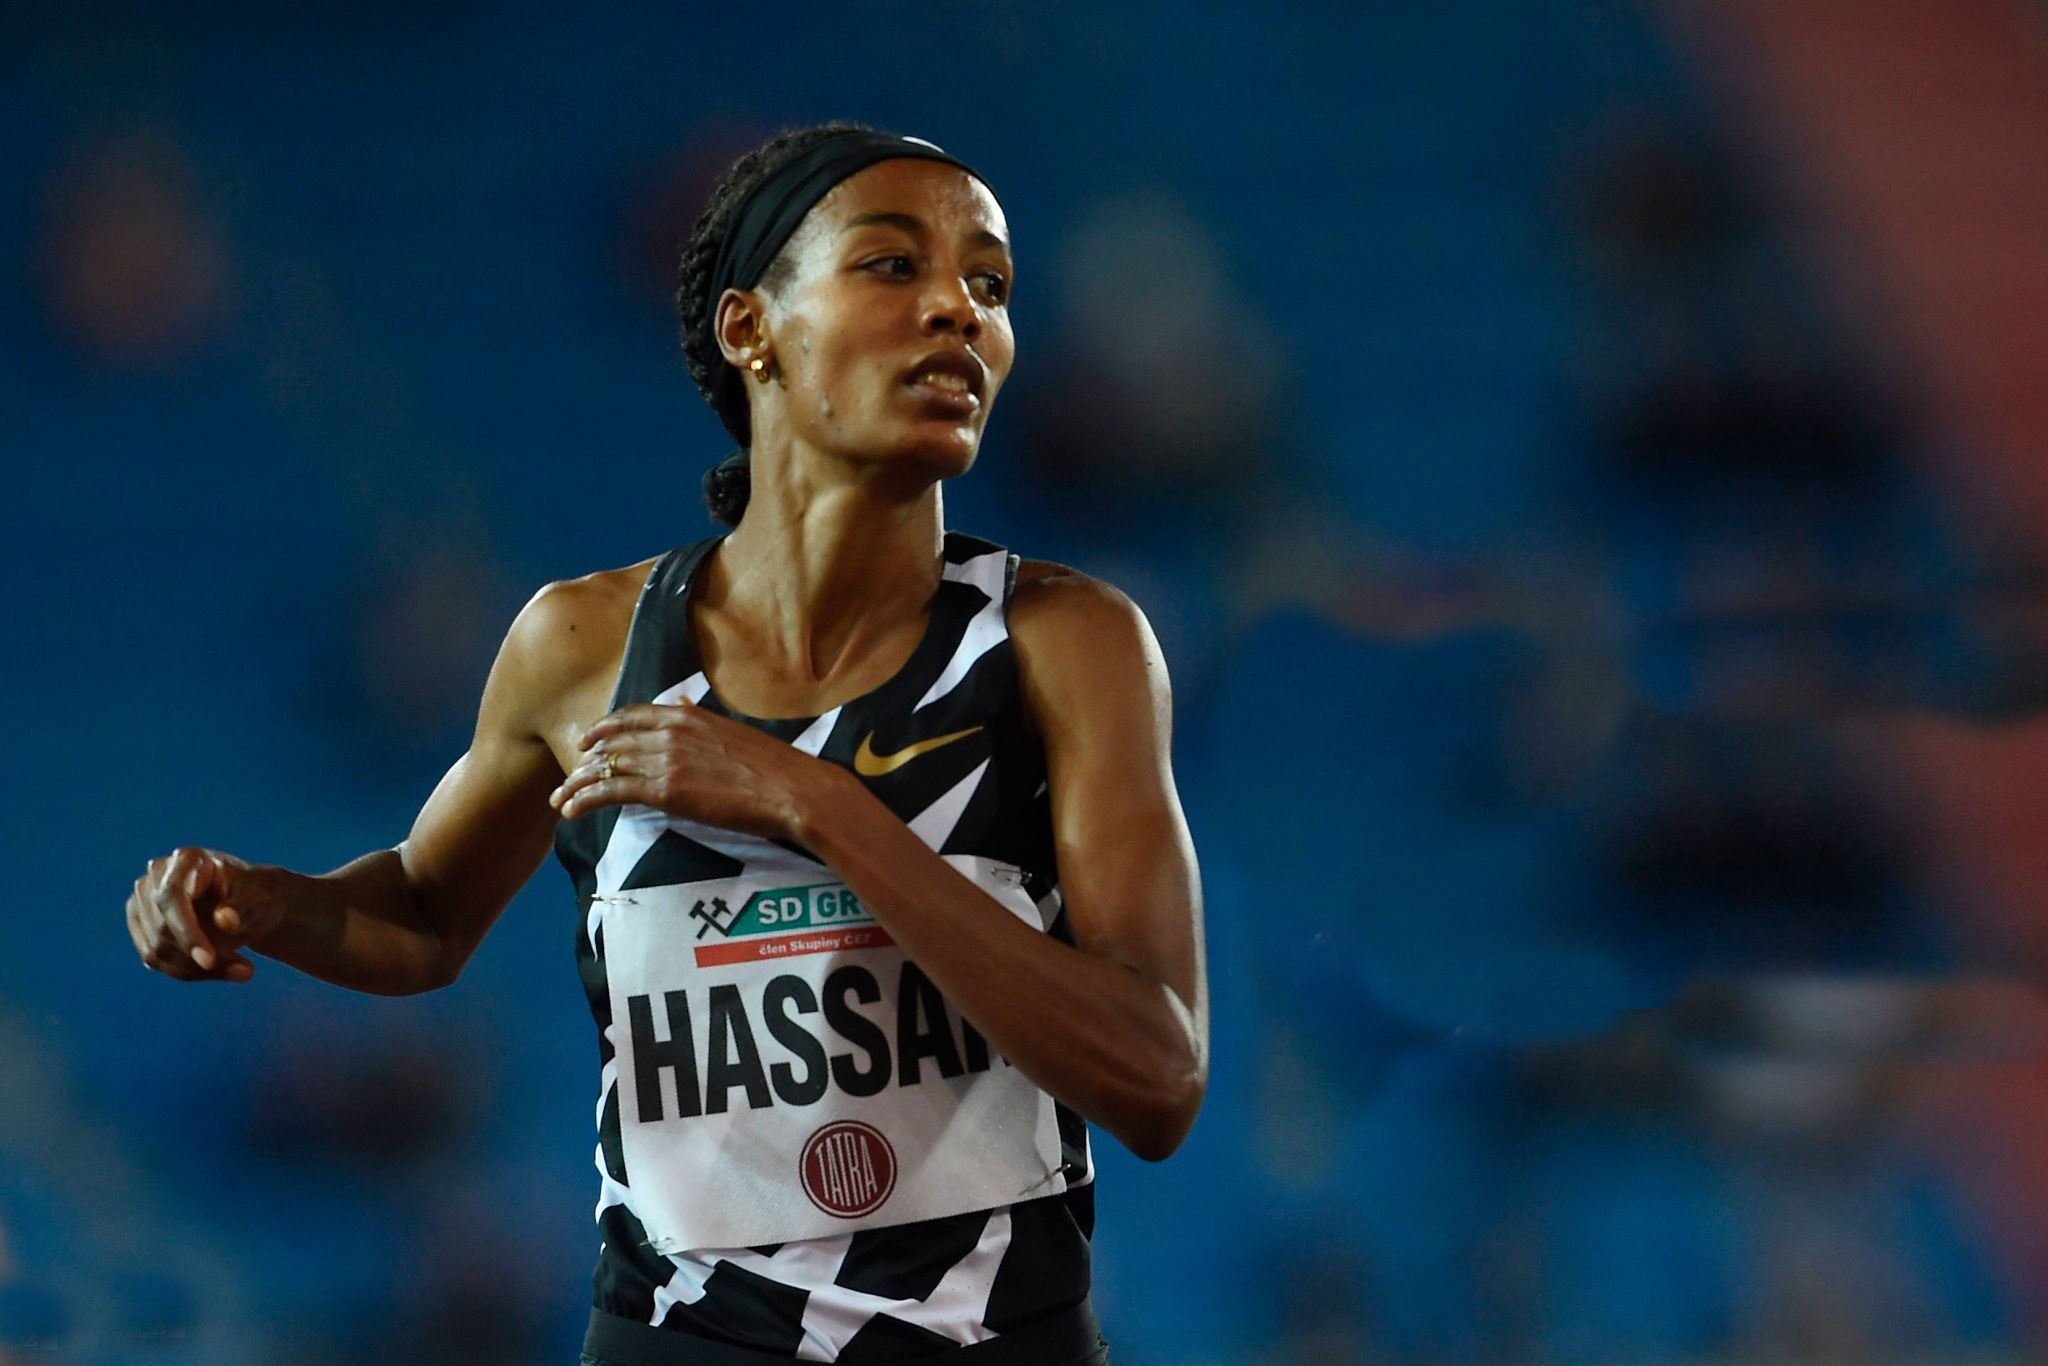 الهولندية سيفان حسن تحطم الرقم القياسي العالمي لسباق 10 آلاف متر